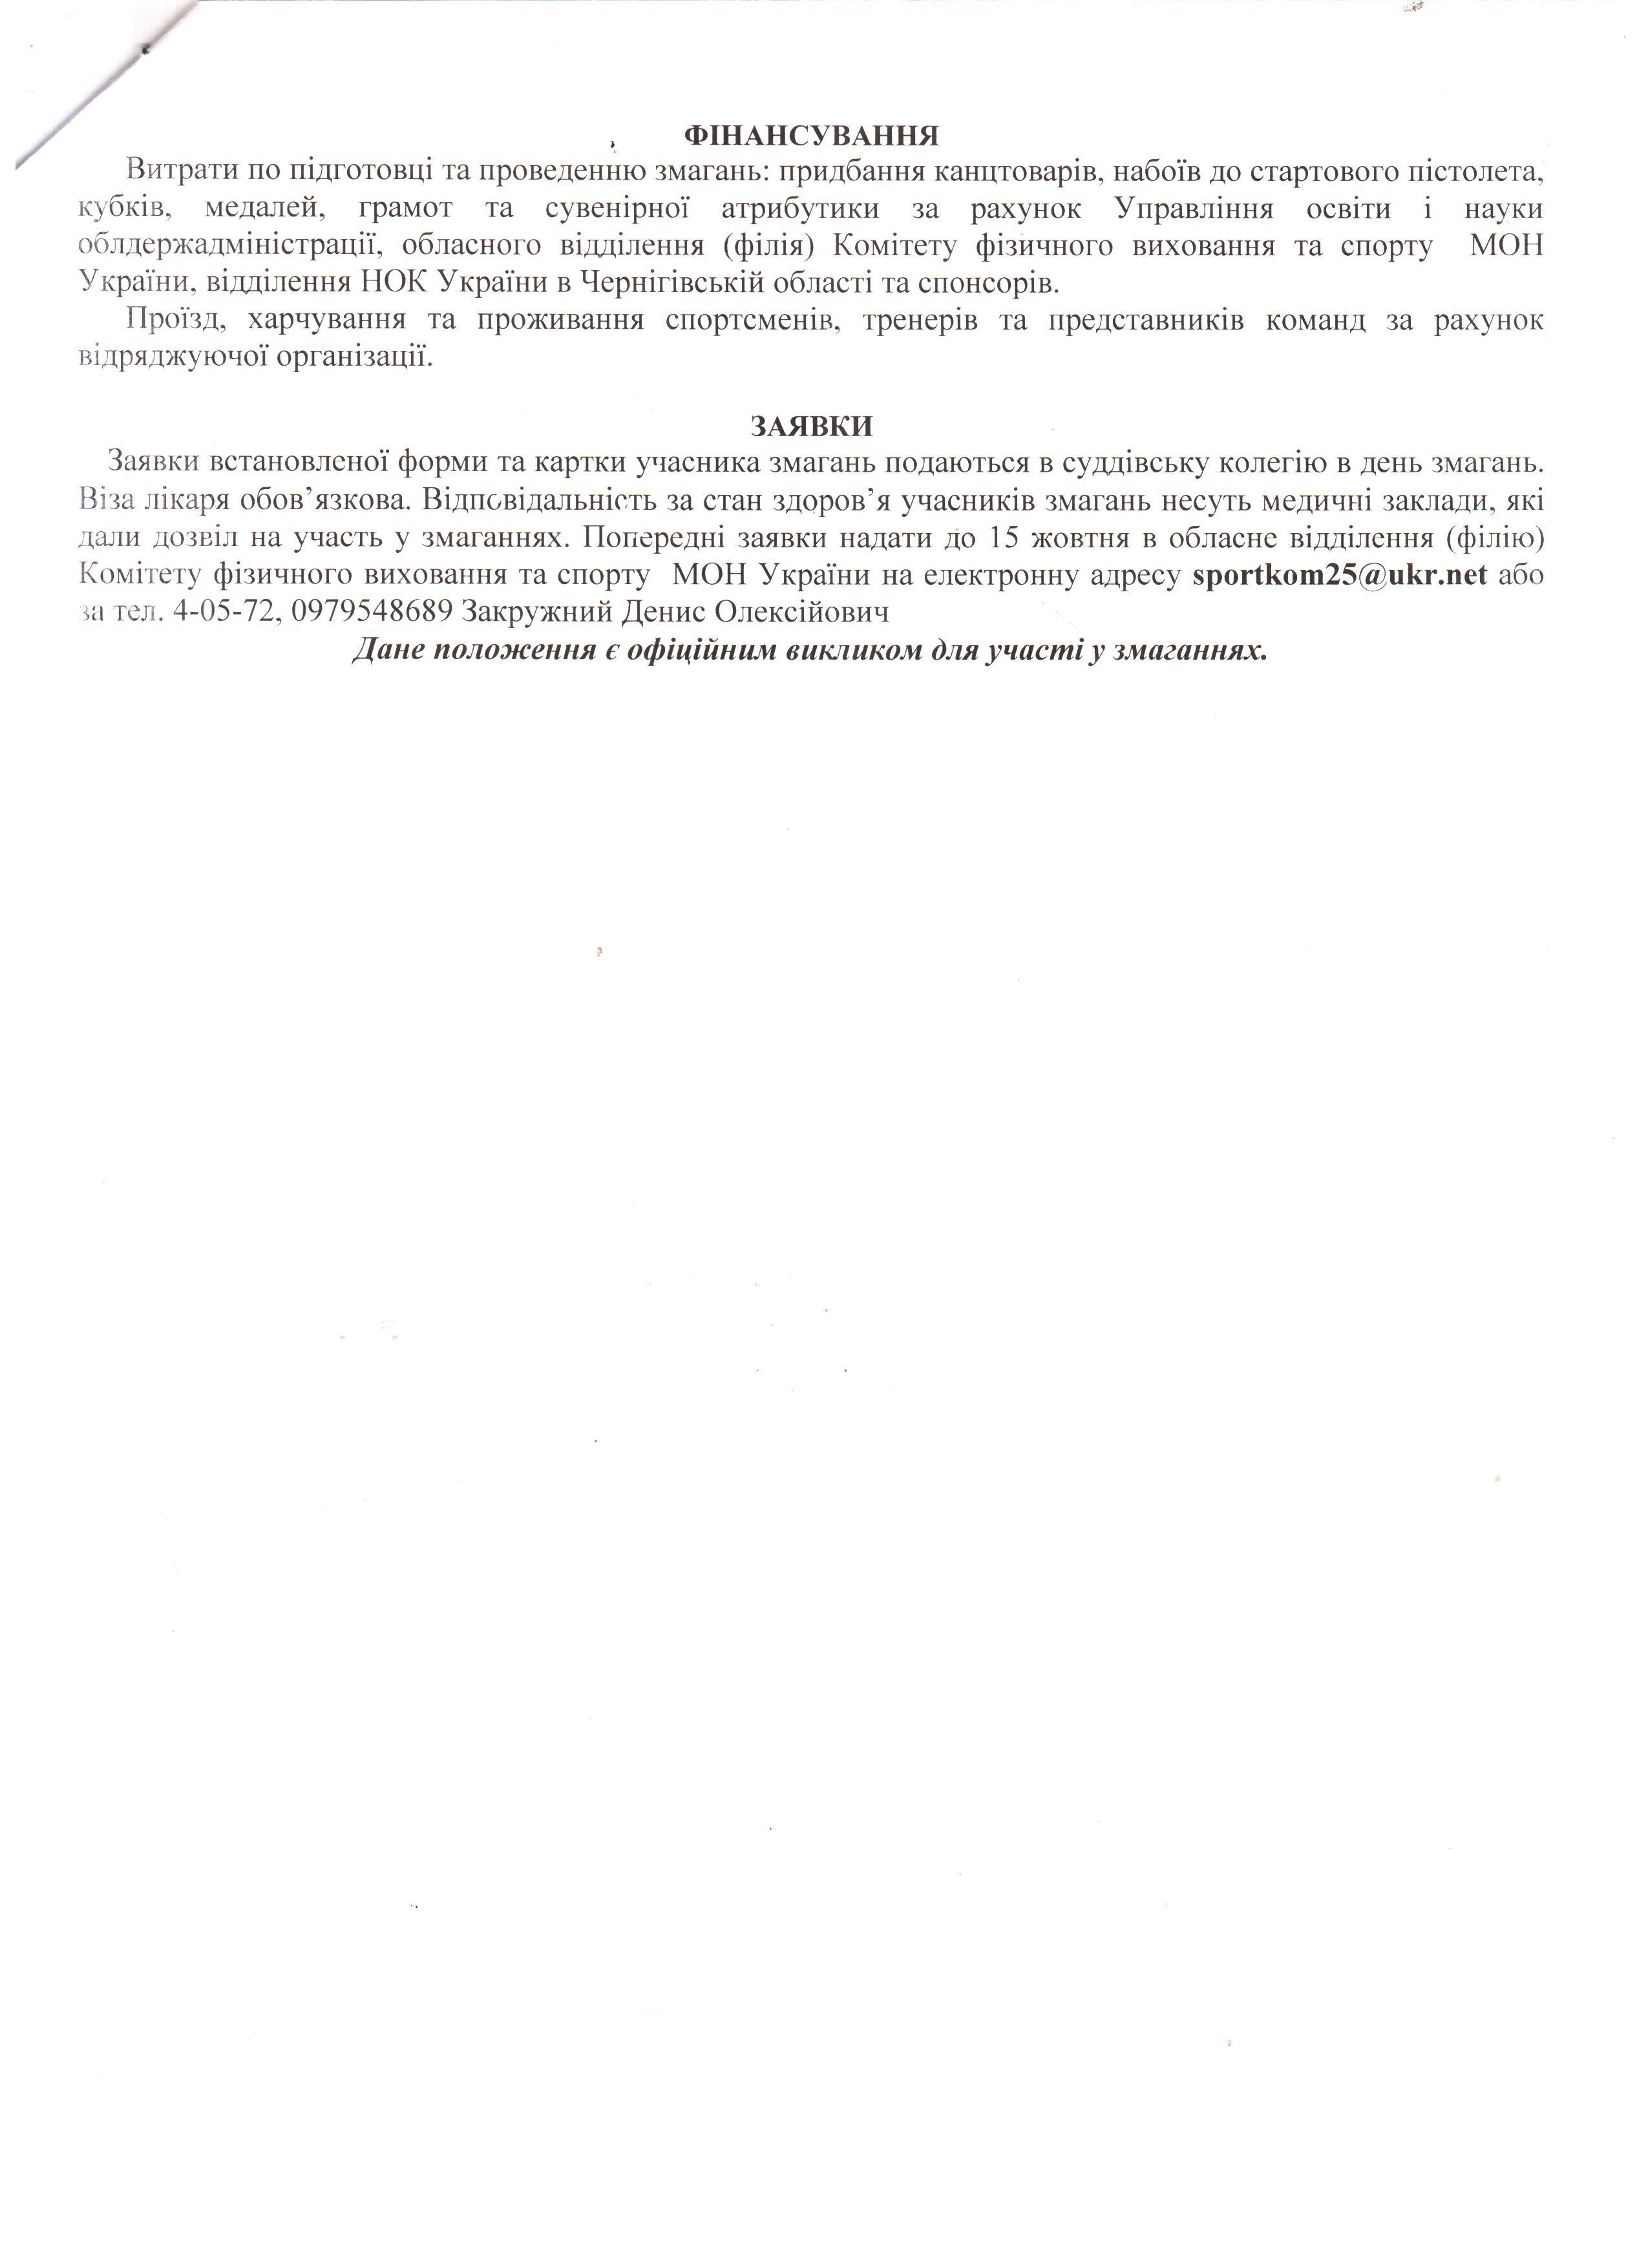 polozhennya-pamyati-filipova-002